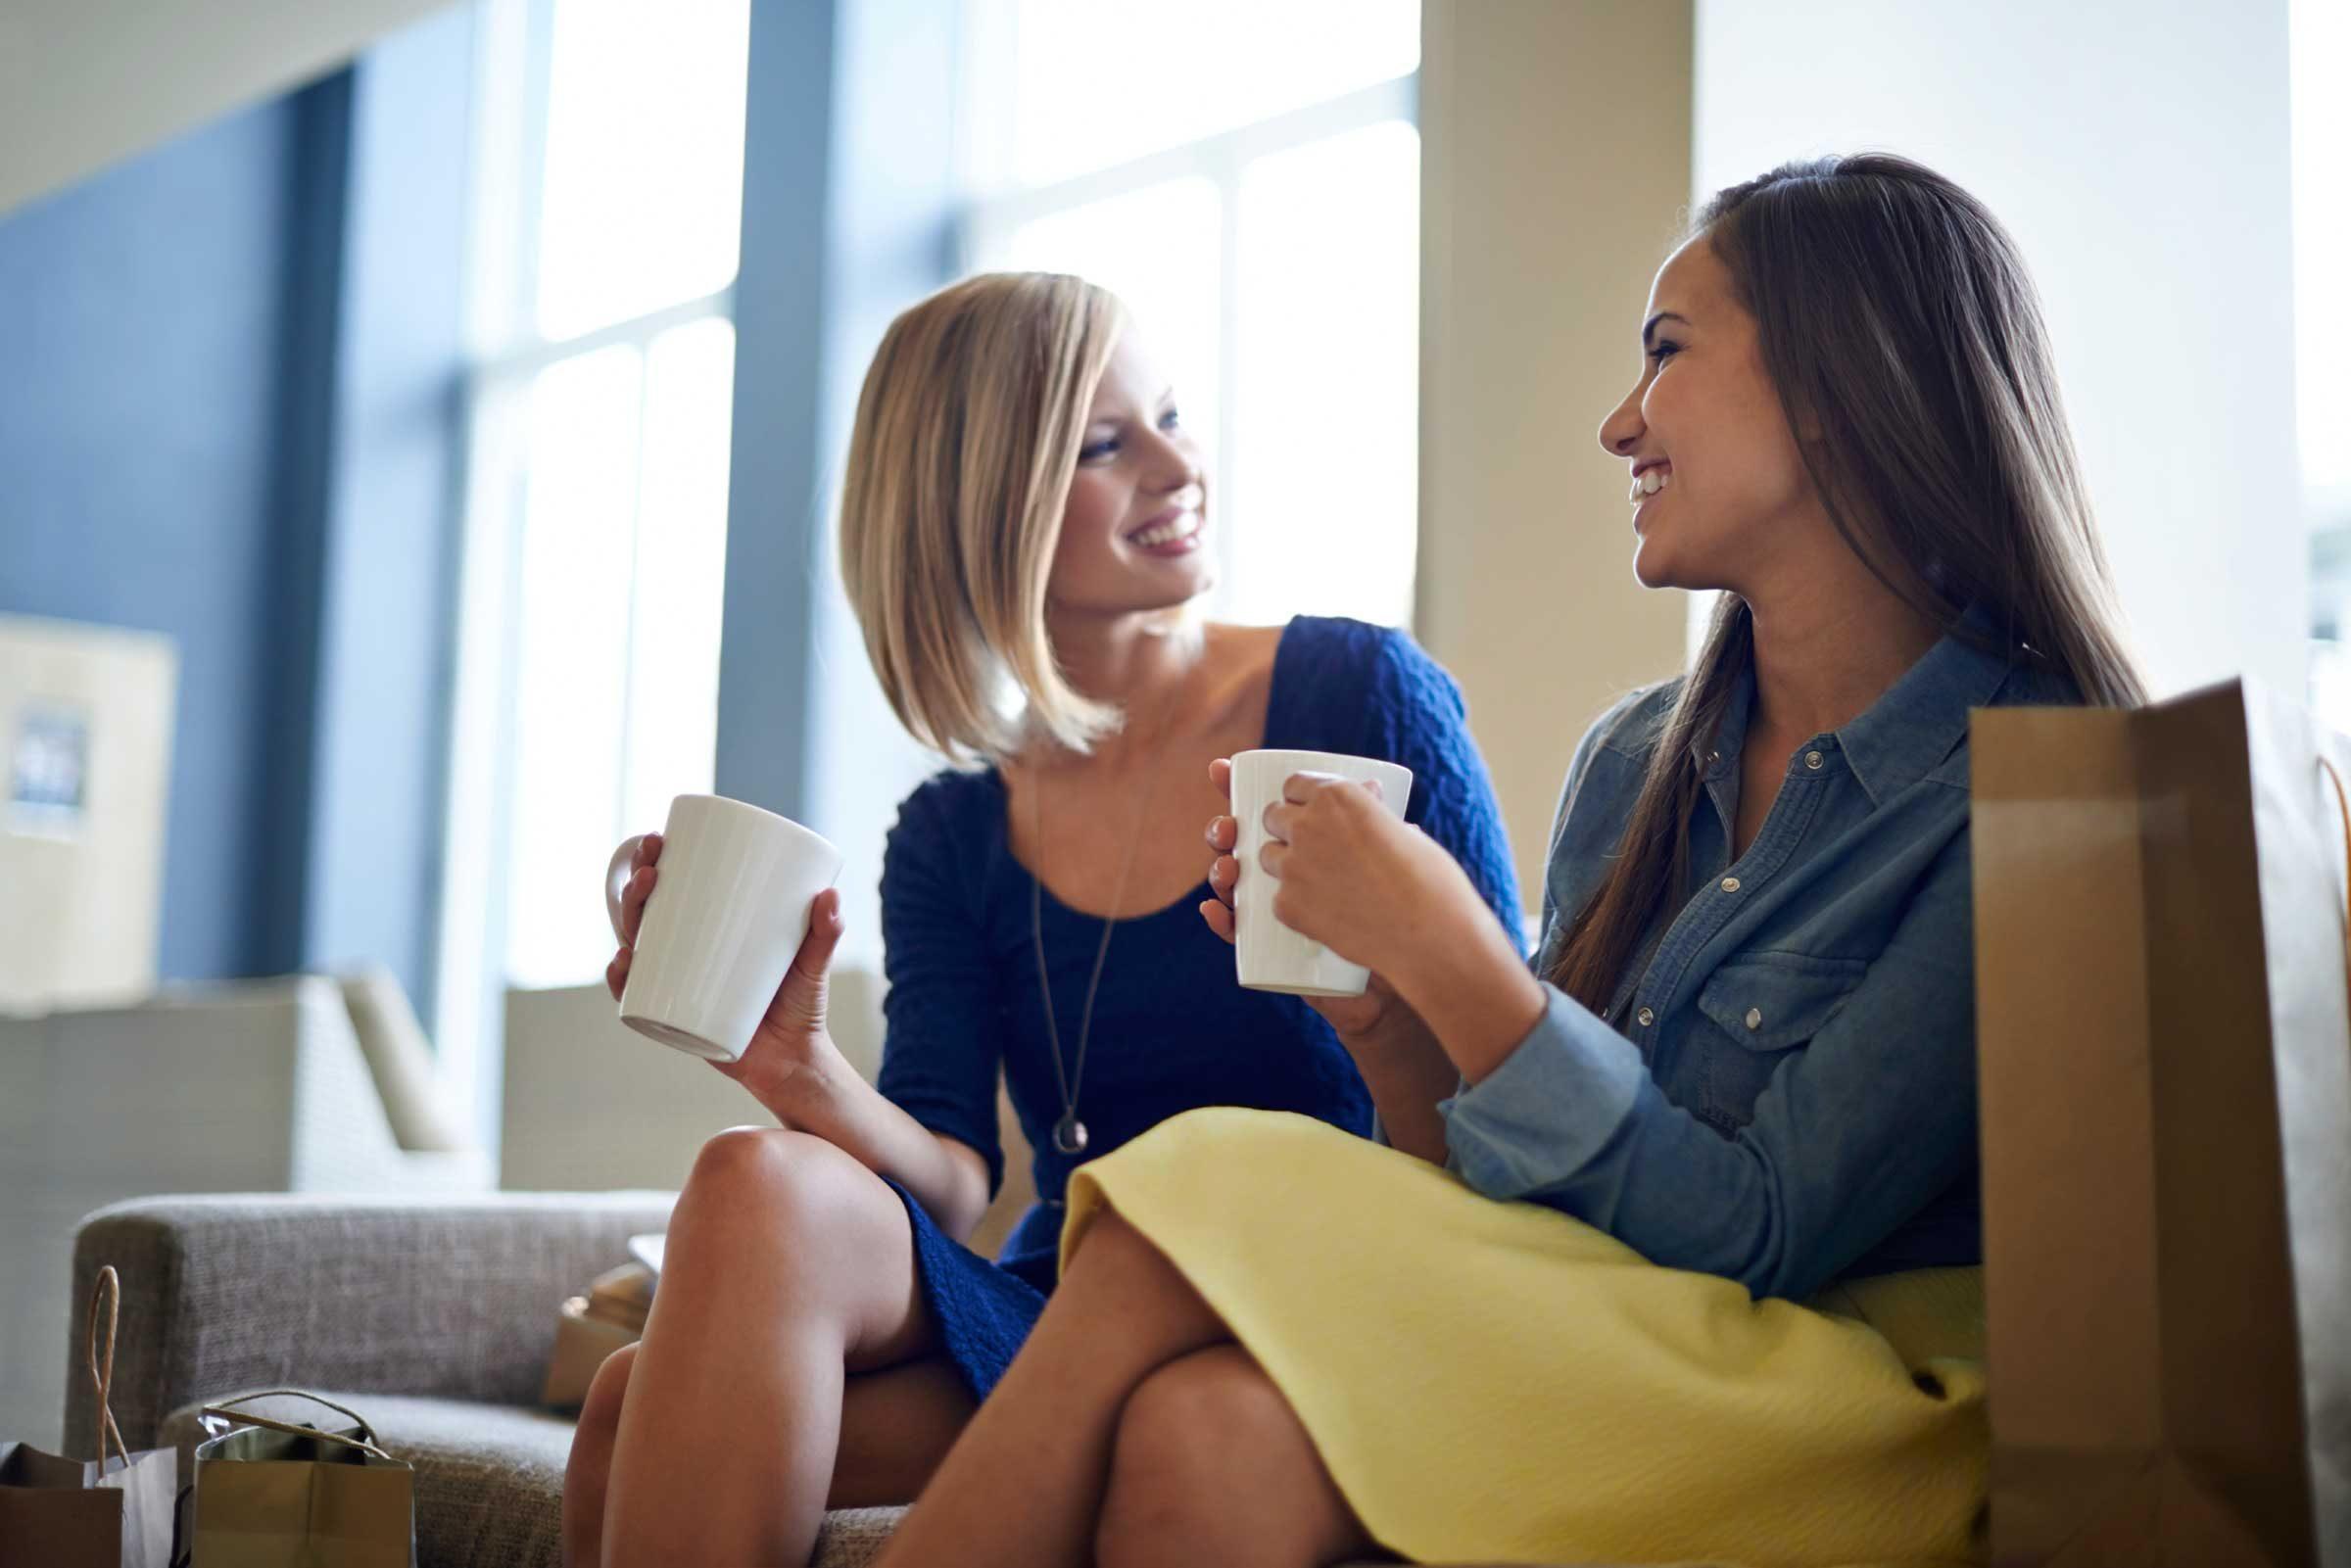 small talk watch body language